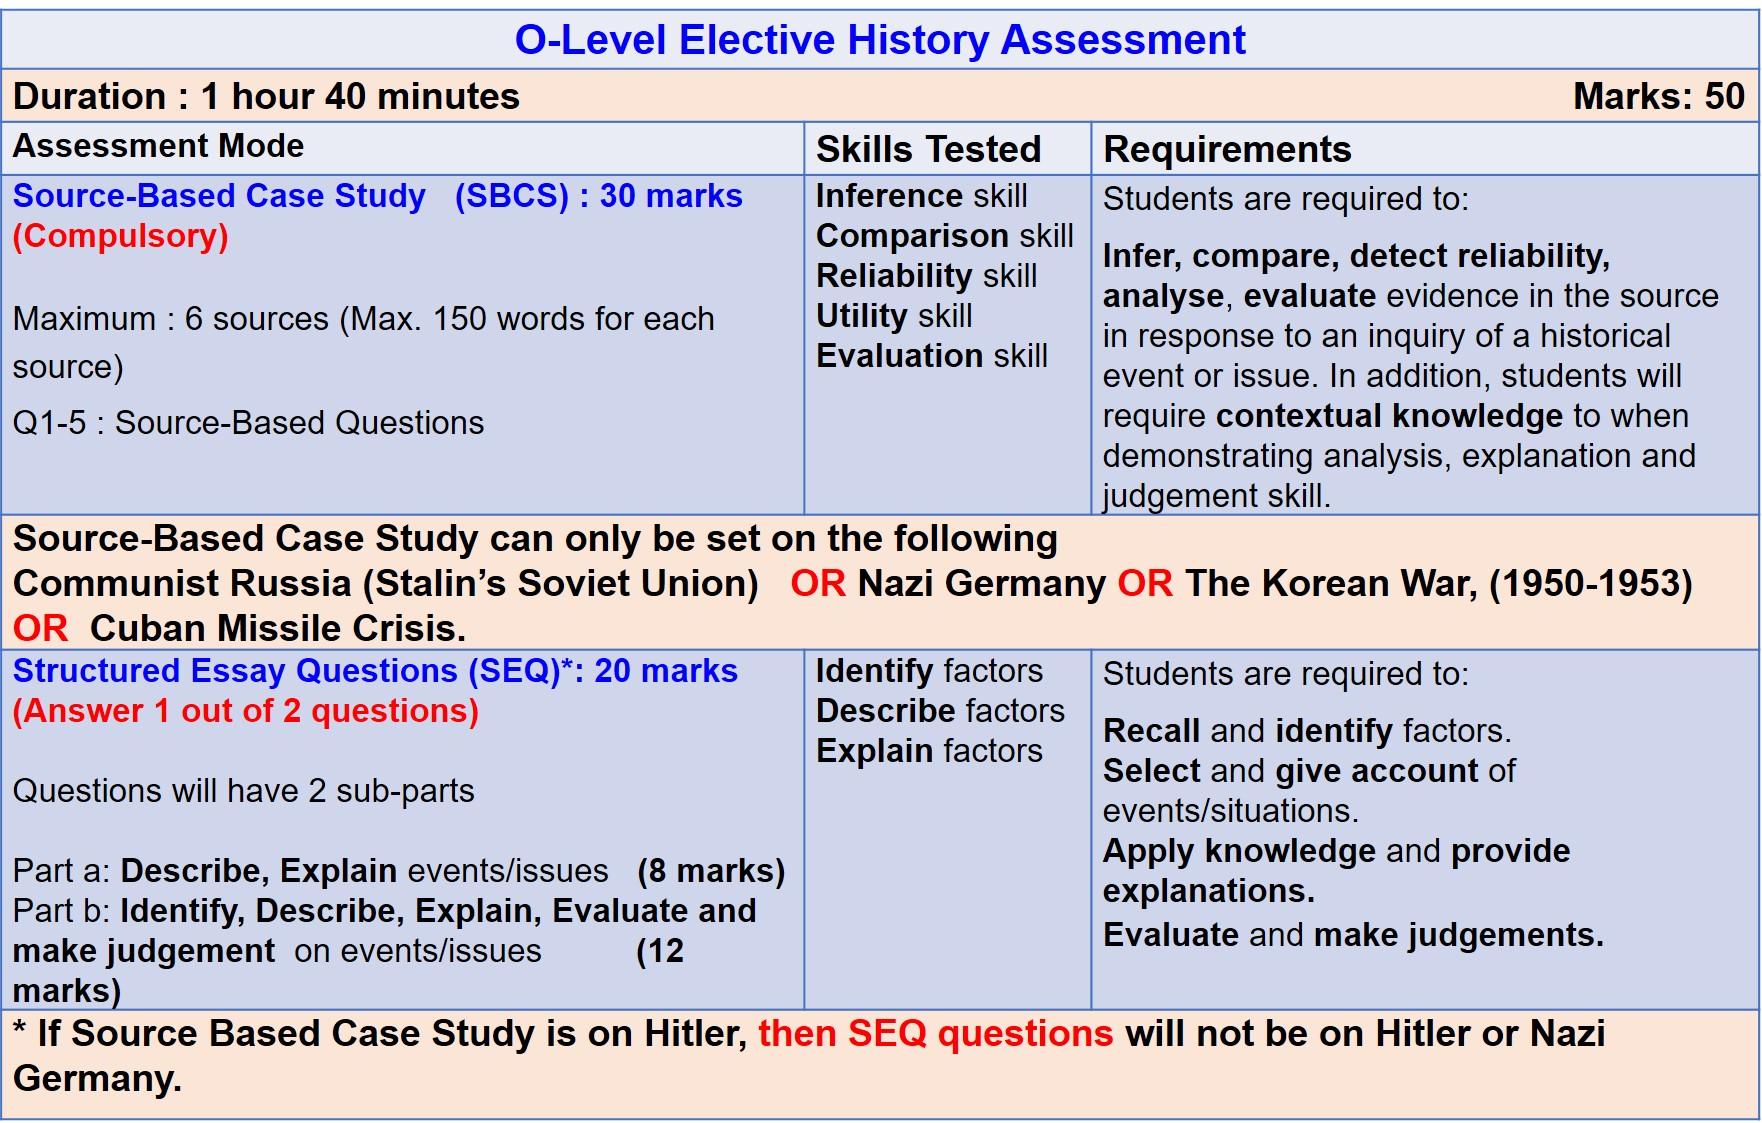 o-level history assessment